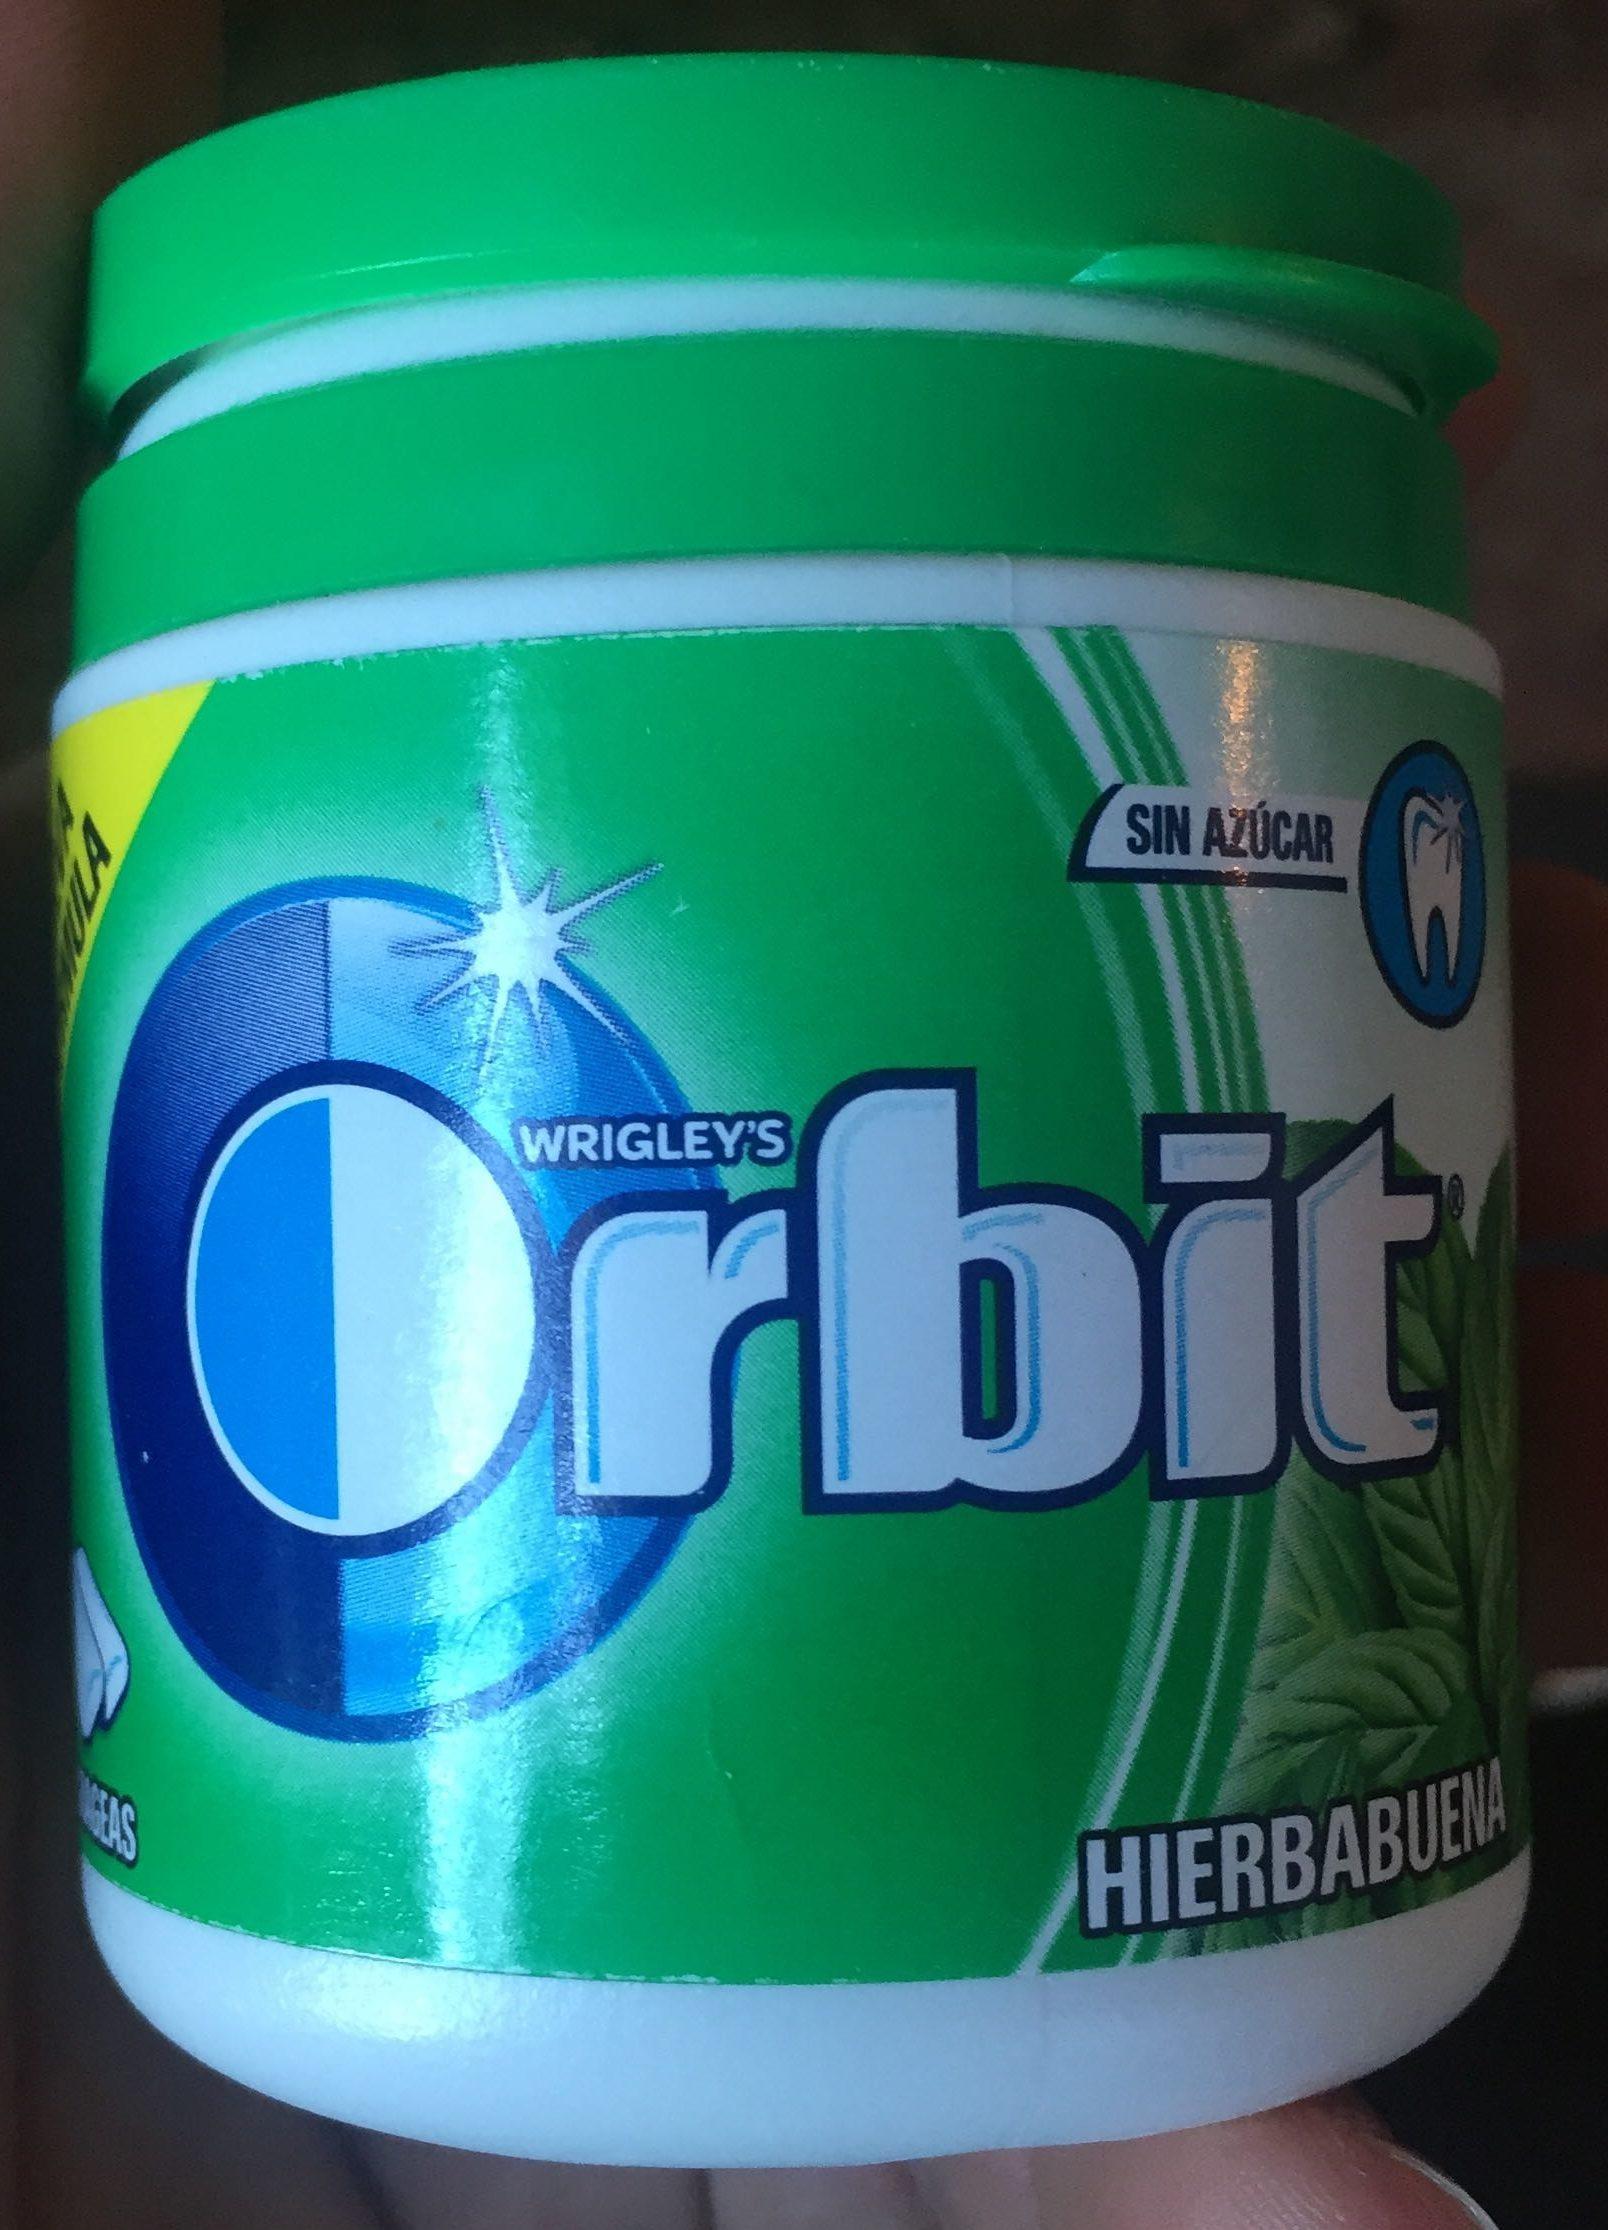 Chicles de hierbabuena sin azúcar - Product - es